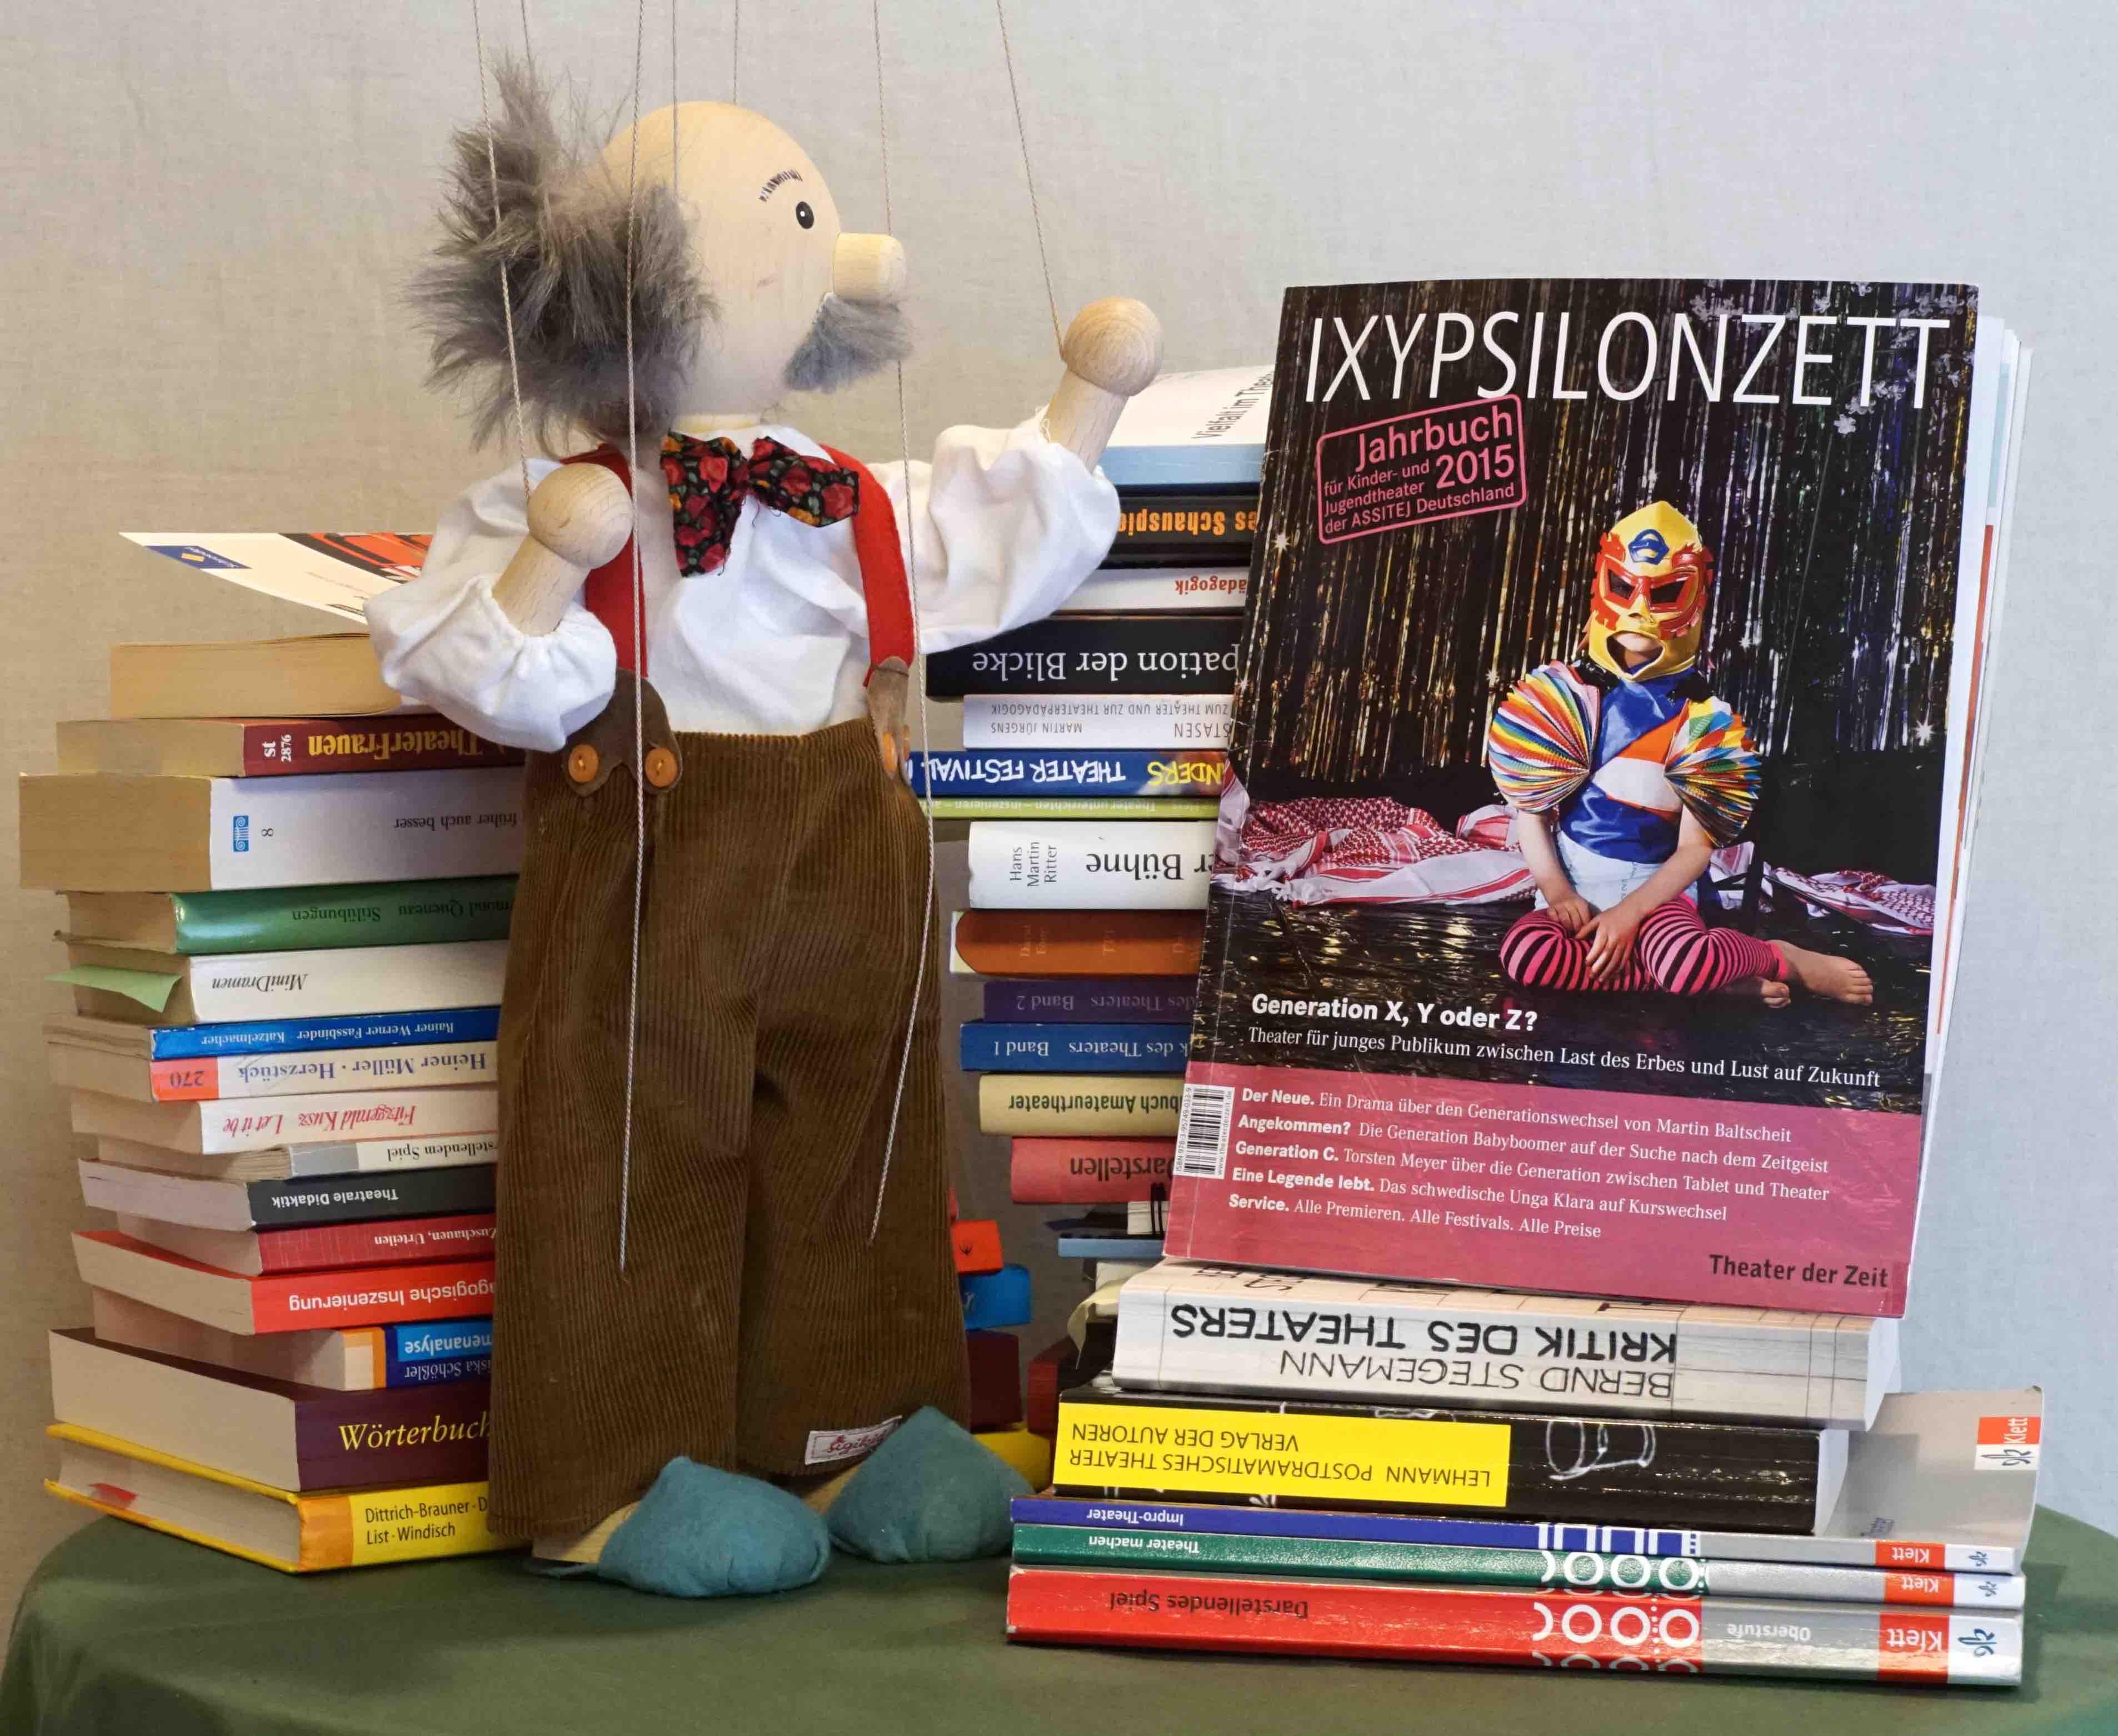 ASSITEJ (Hg): Jahrbuch 2015 für Kinder- und Jugendtheater – Rezension